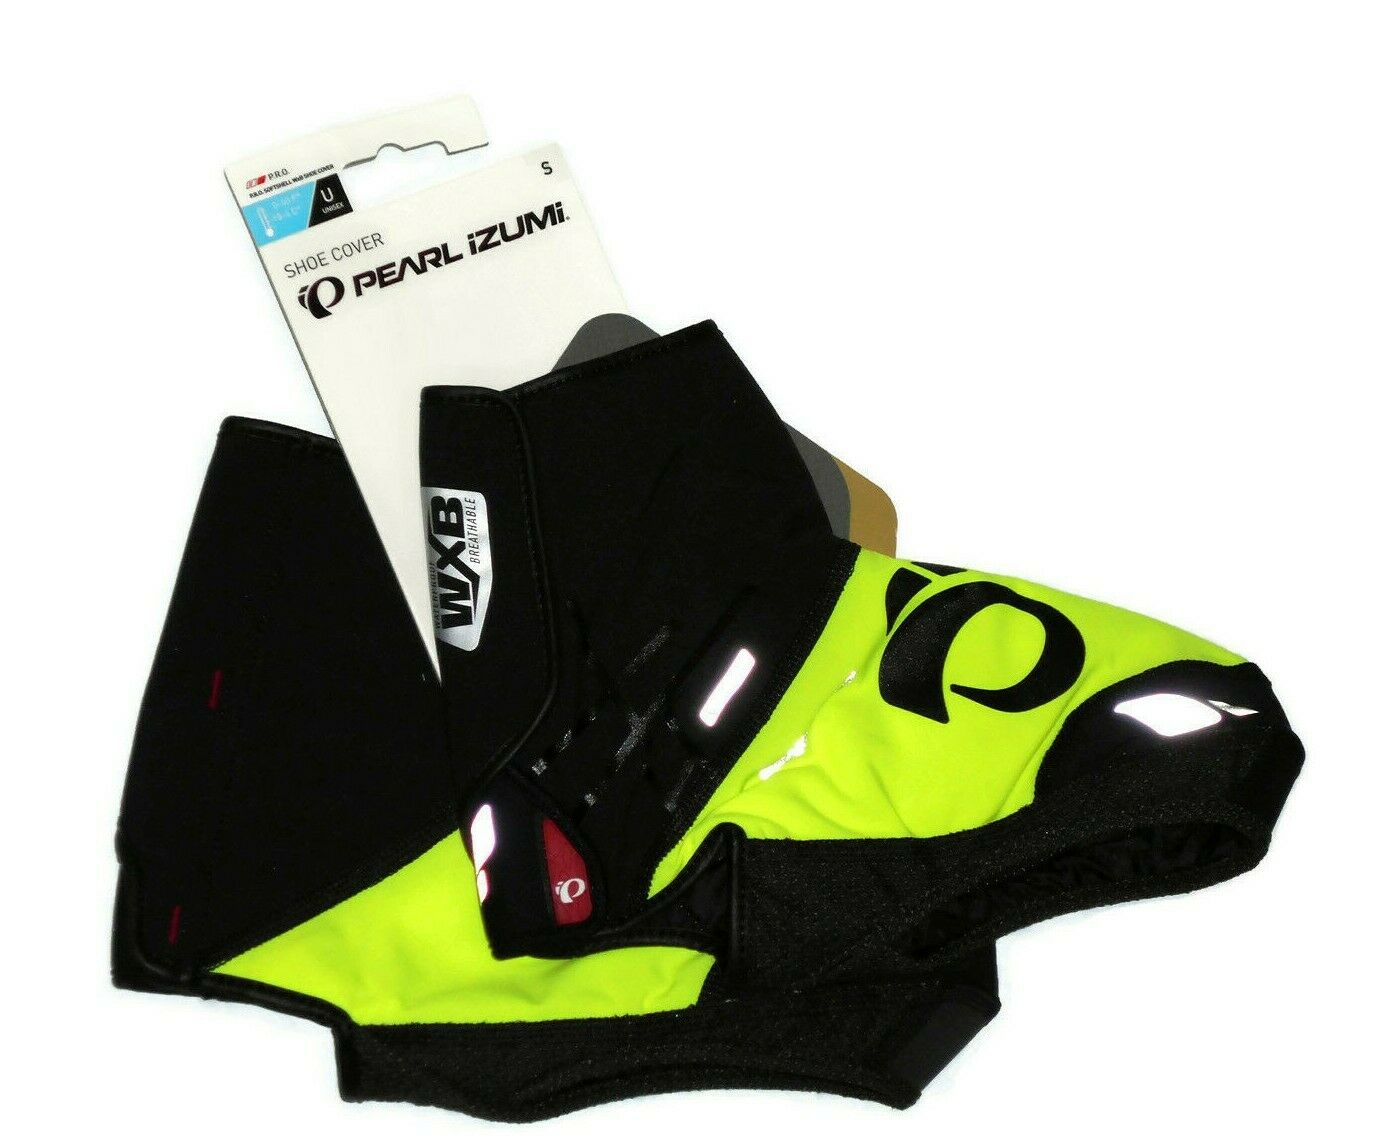 Pearl Izumi Ride pro Softshell Wxb Ciclismo Cubre Zapatos Tamaño Pequeño Venta